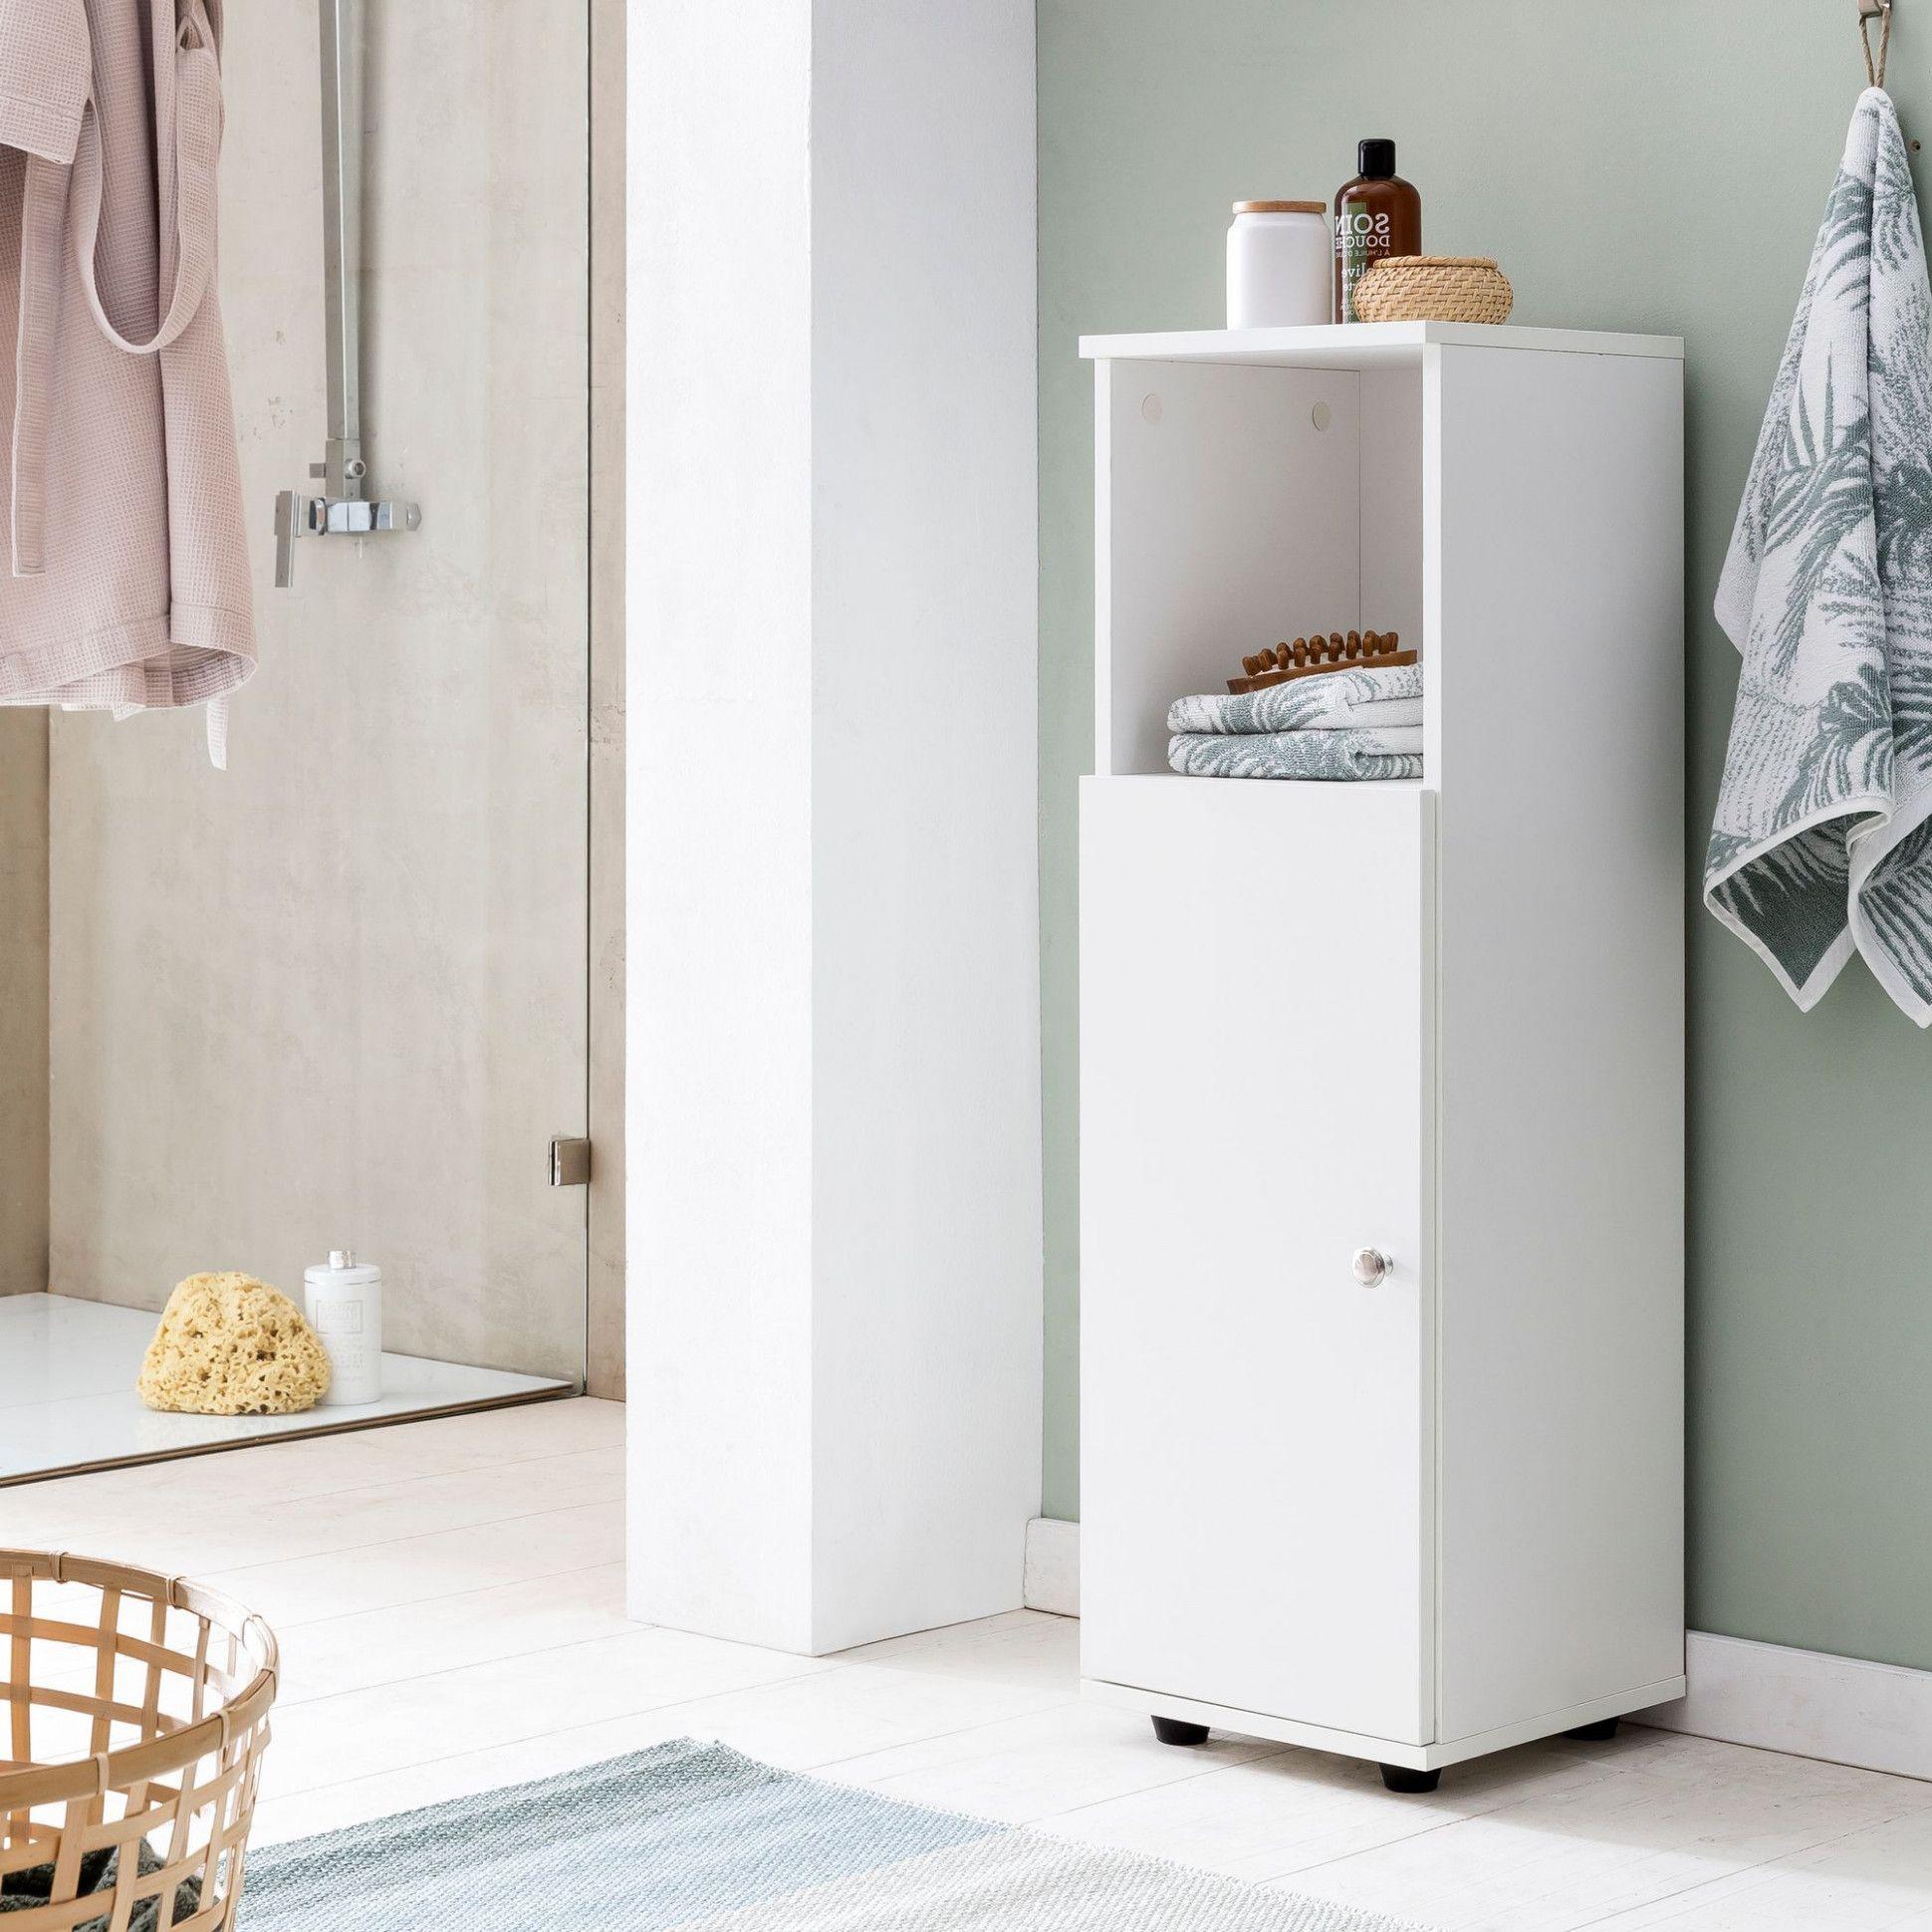 17 Brillante Moglichkeiten Zur Werbung Leiner Badezimmer Schrank